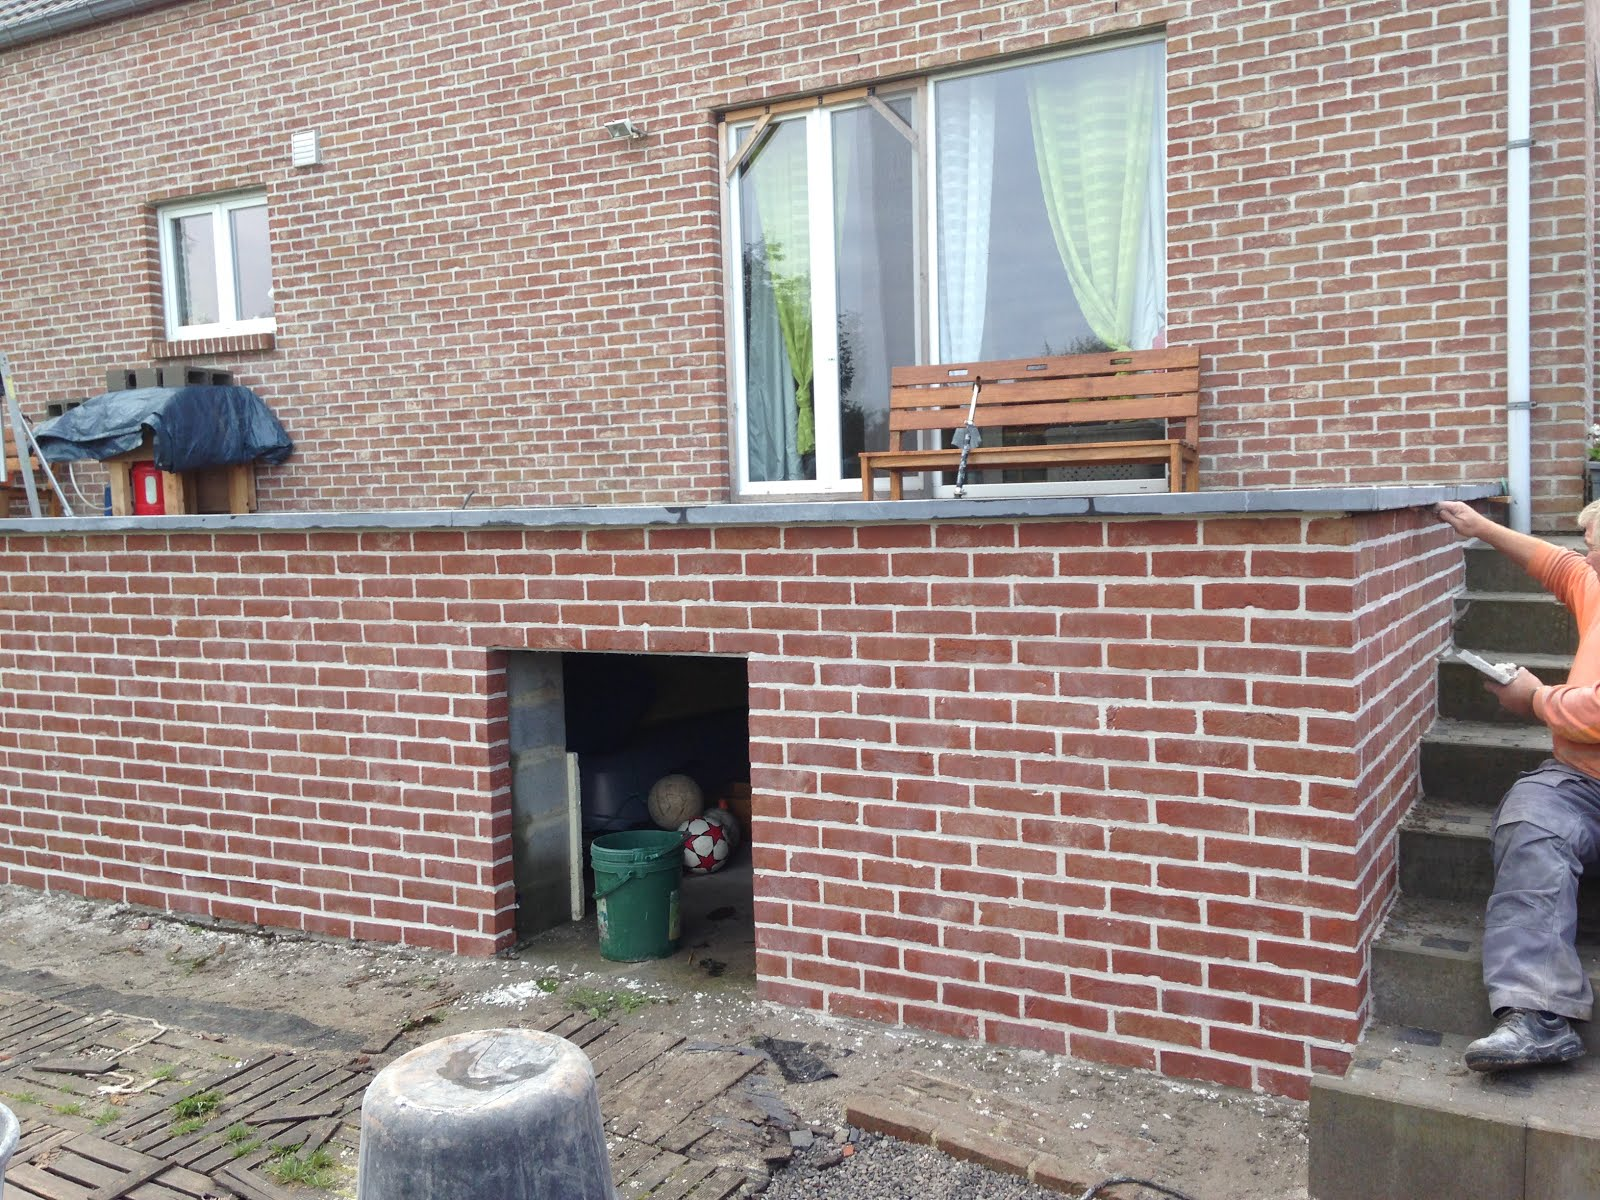 D 39 hondt alexandre construction sprl - Decoratie friterie ...